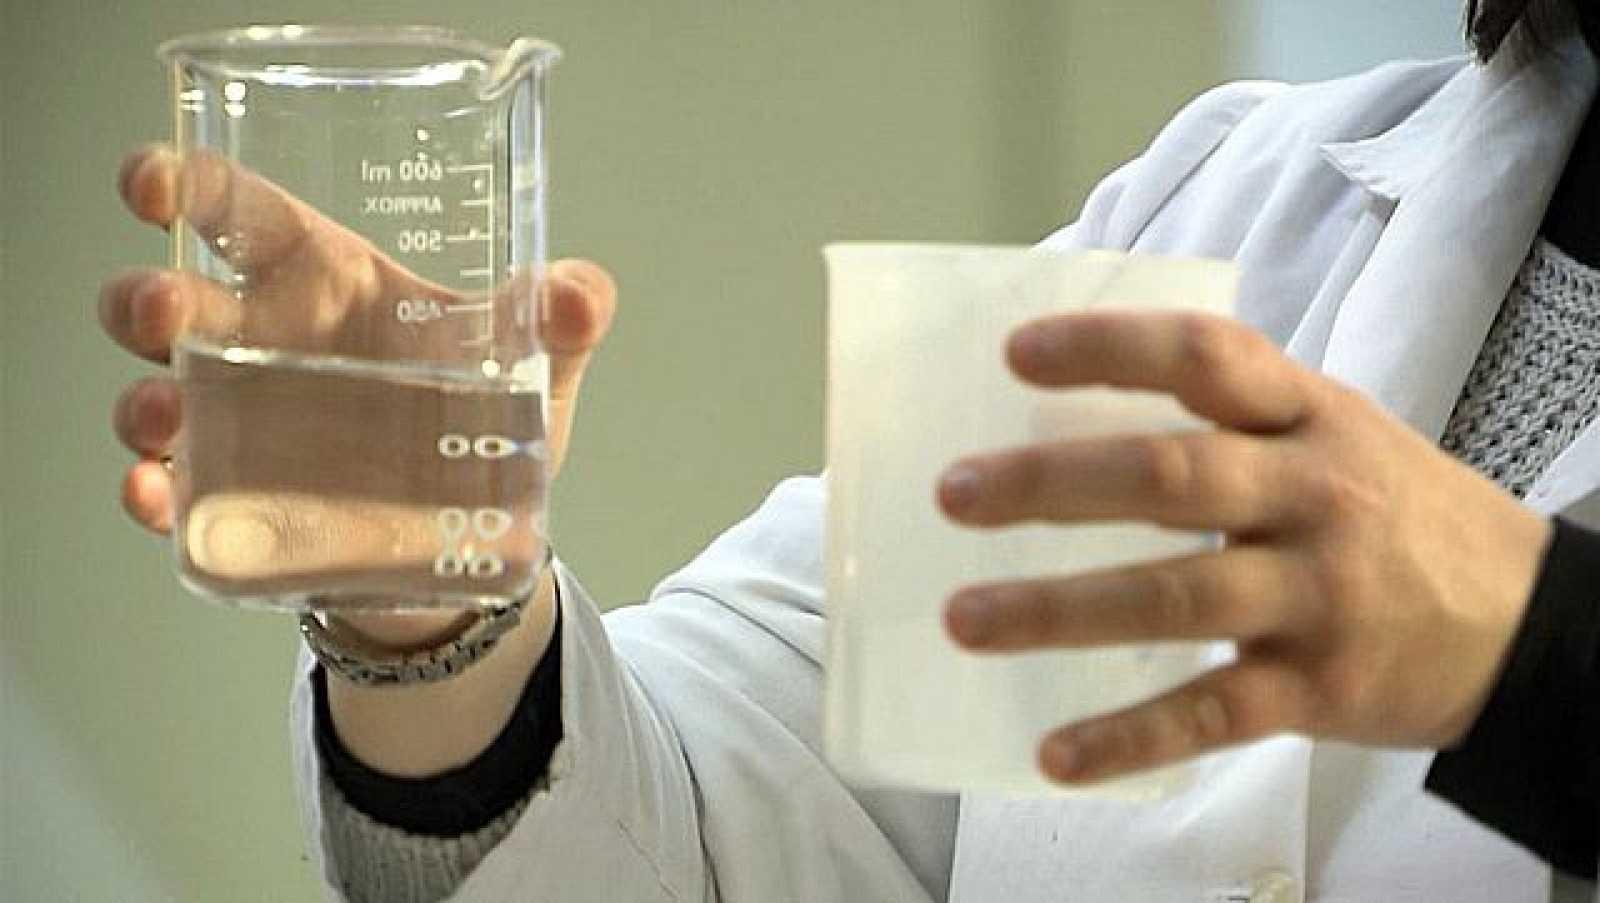 Uned La Química En La Vida Diaria 02032018 Rtvees